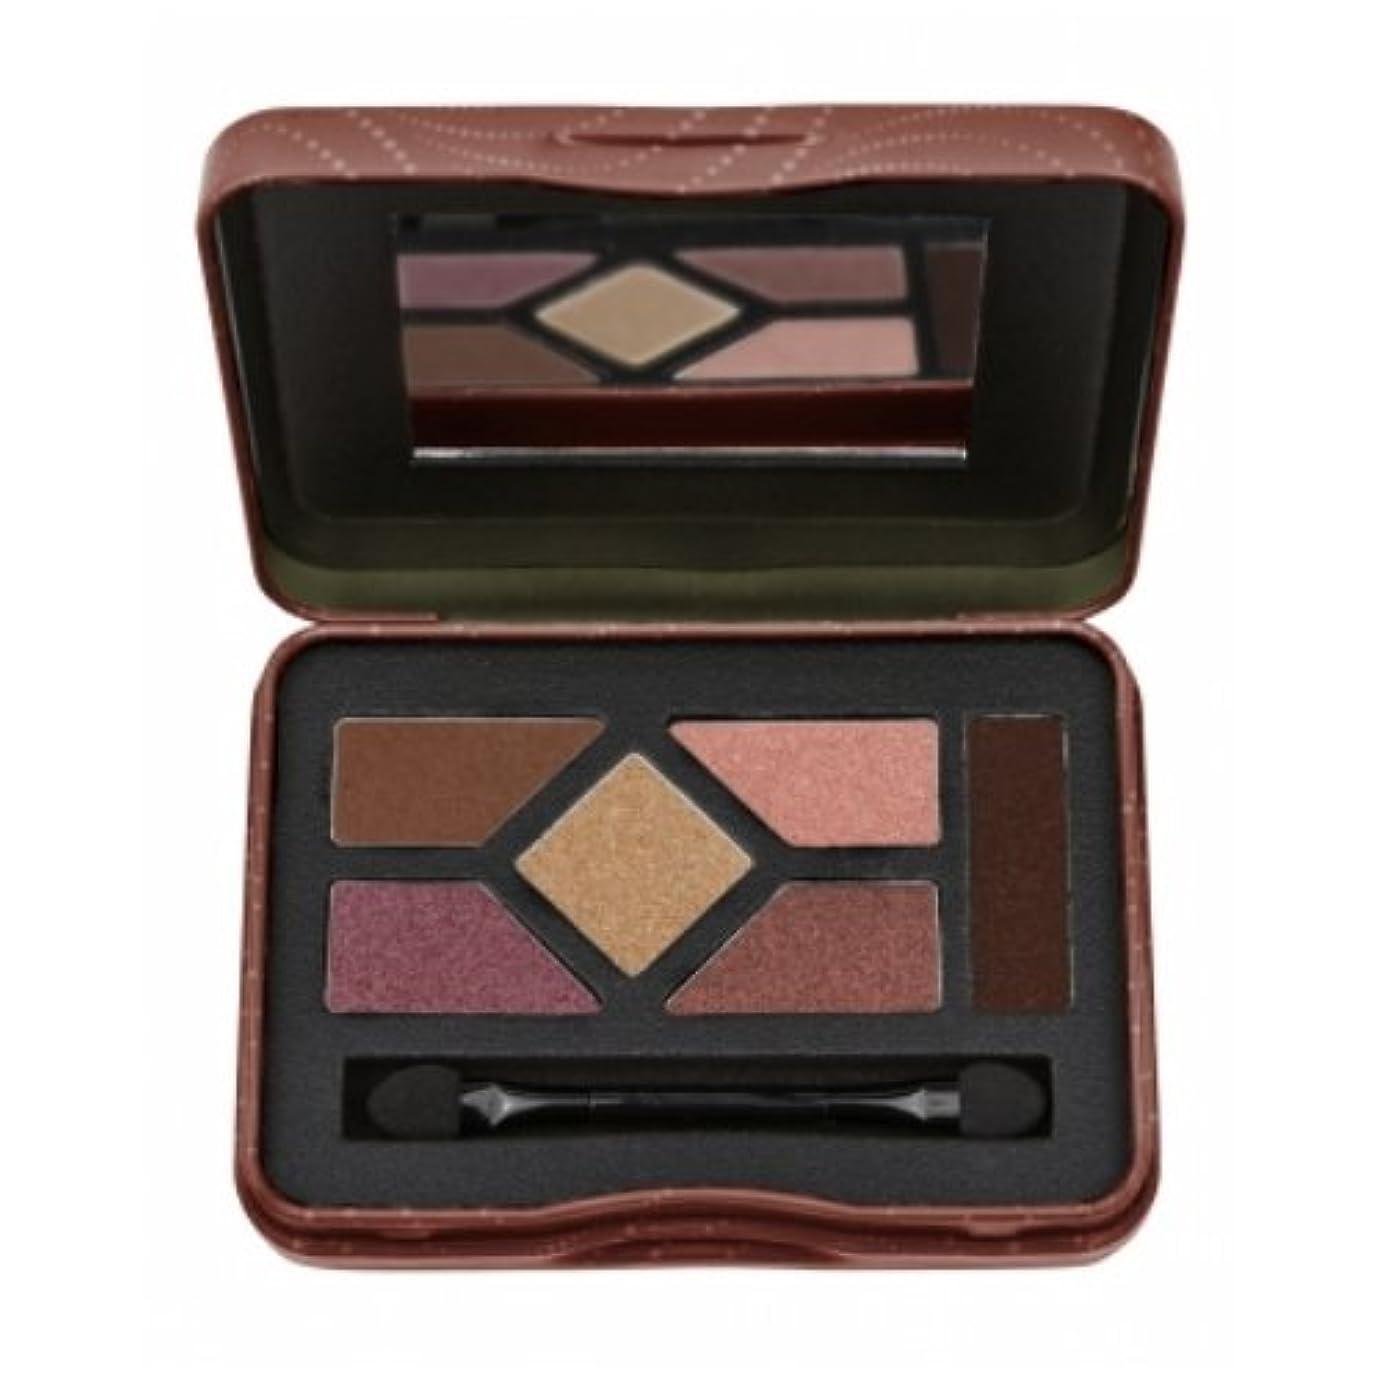 協力的注釈モード(3 Pack) LA Girl Inspiring Eyeshadow Palette - Be Bold & Beautiful (並行輸入品)